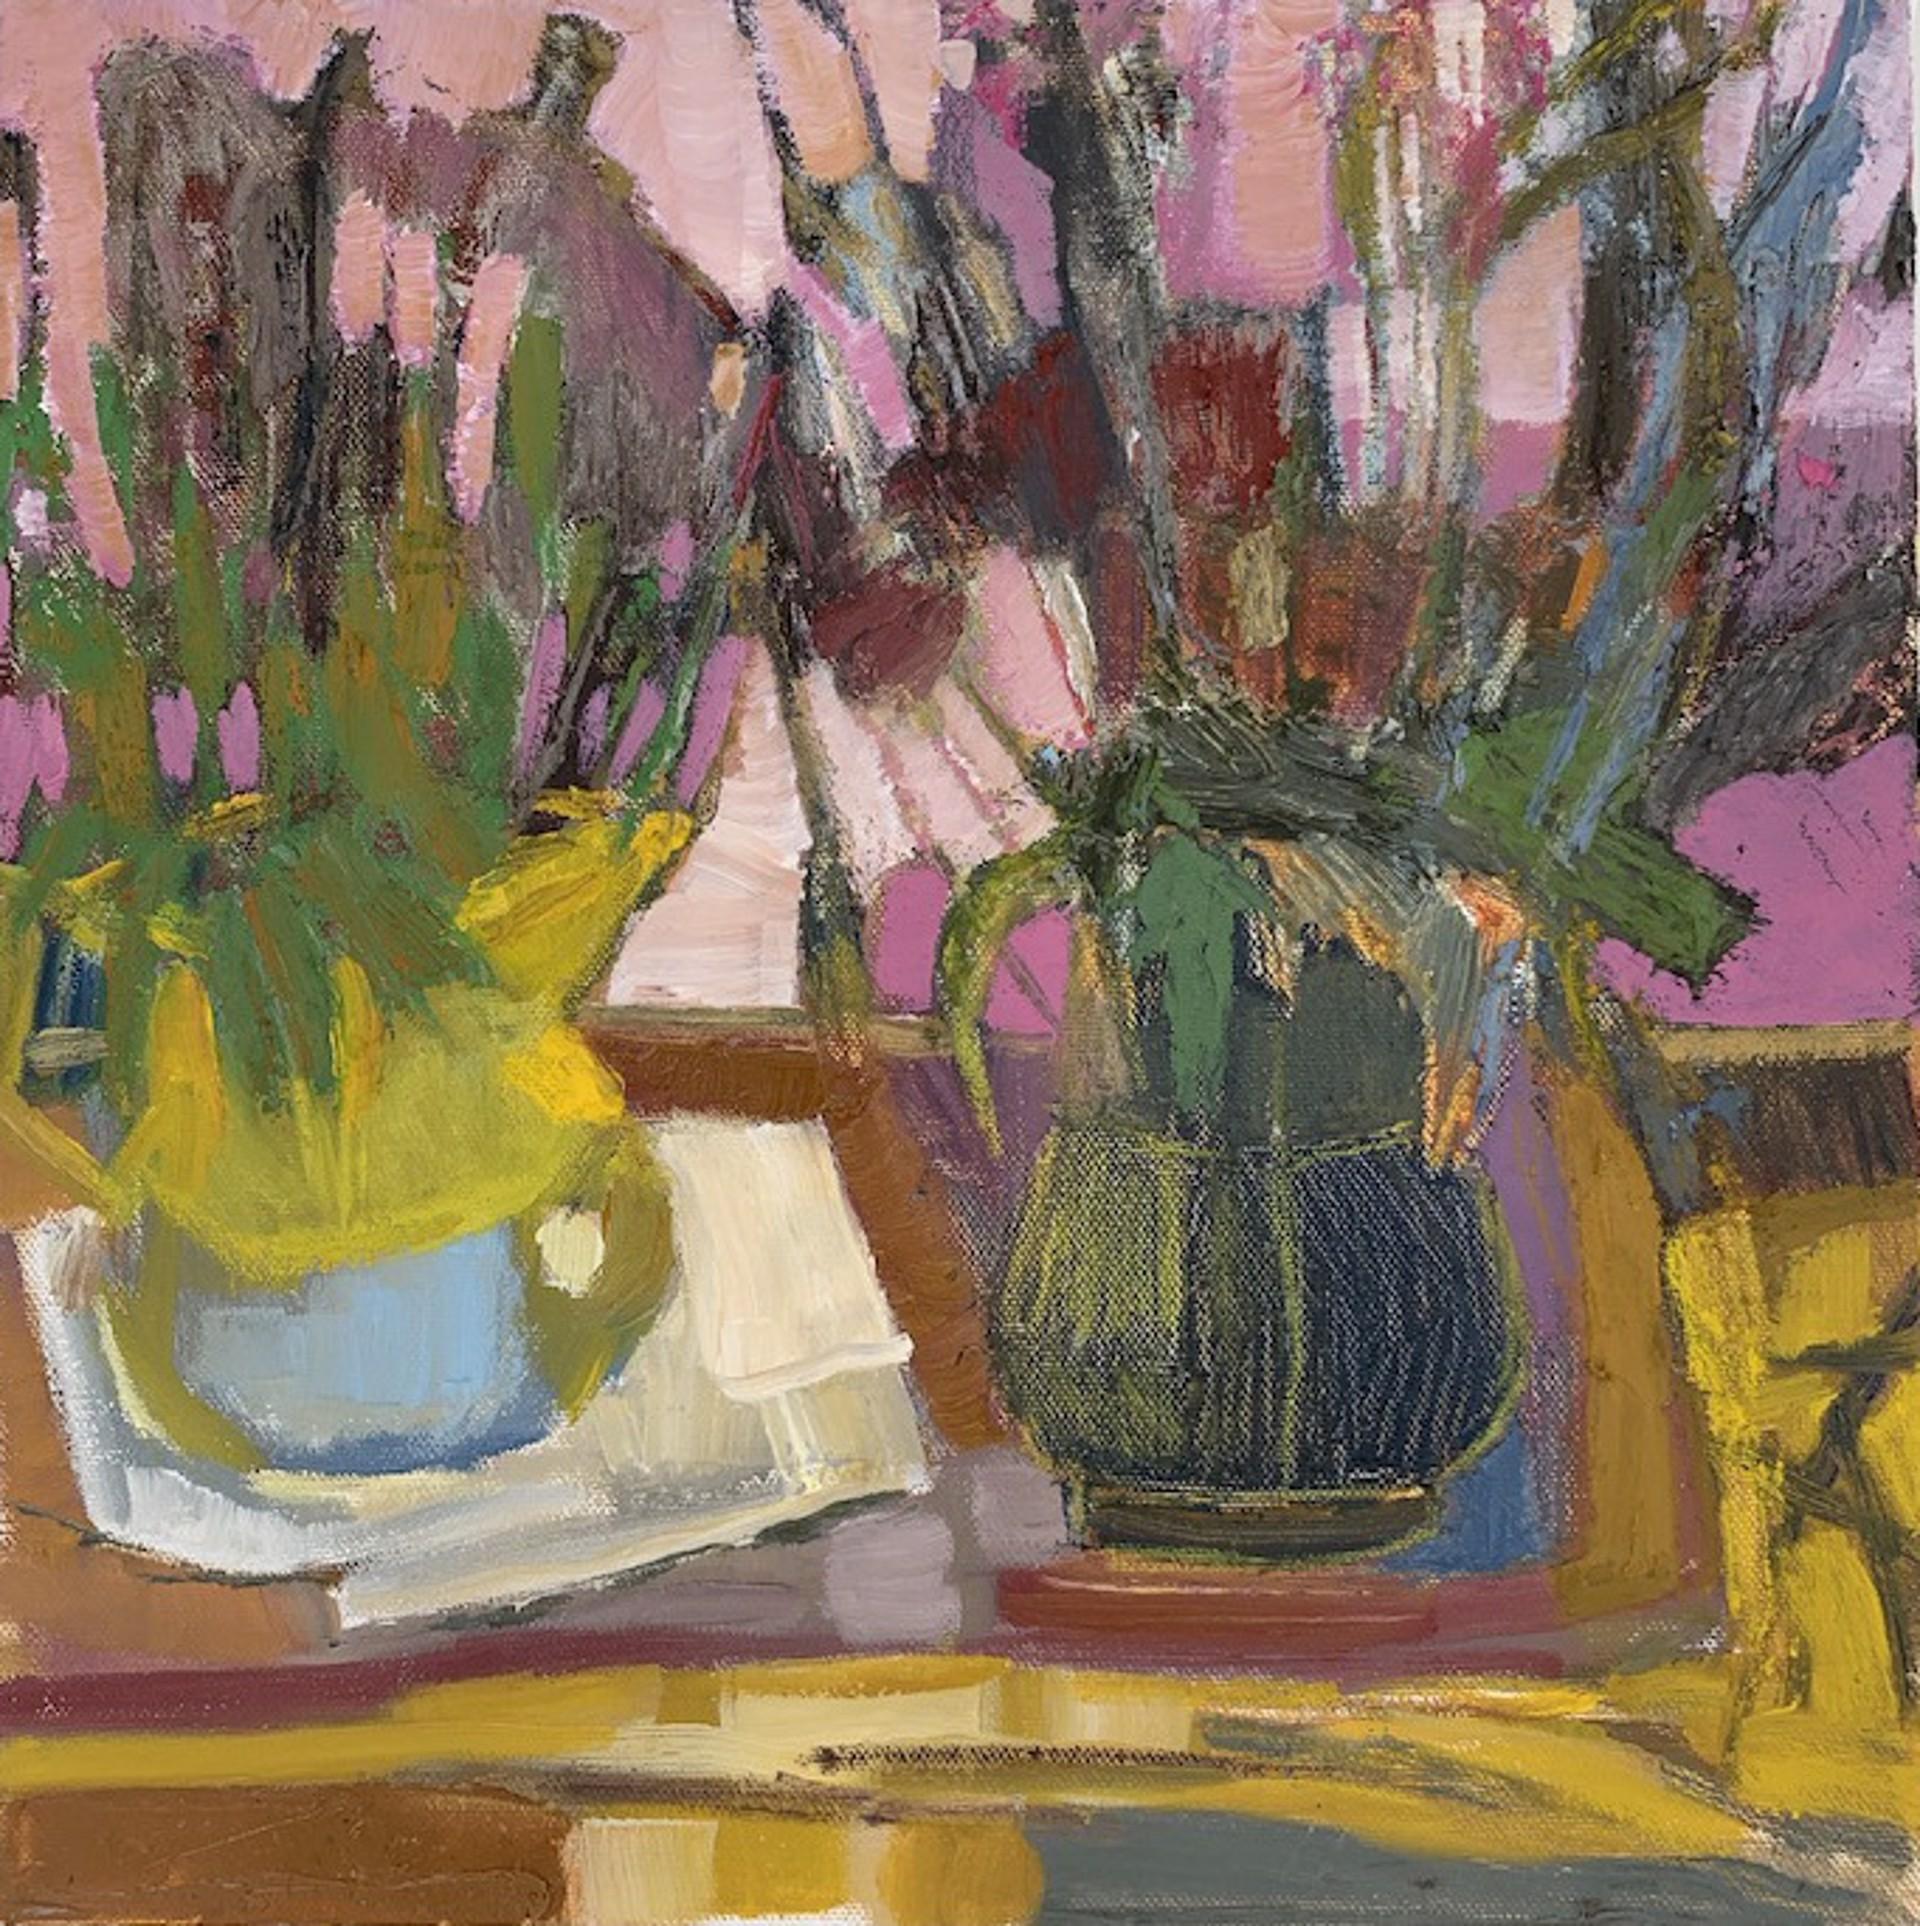 Still Life II by Maggie Shepherd